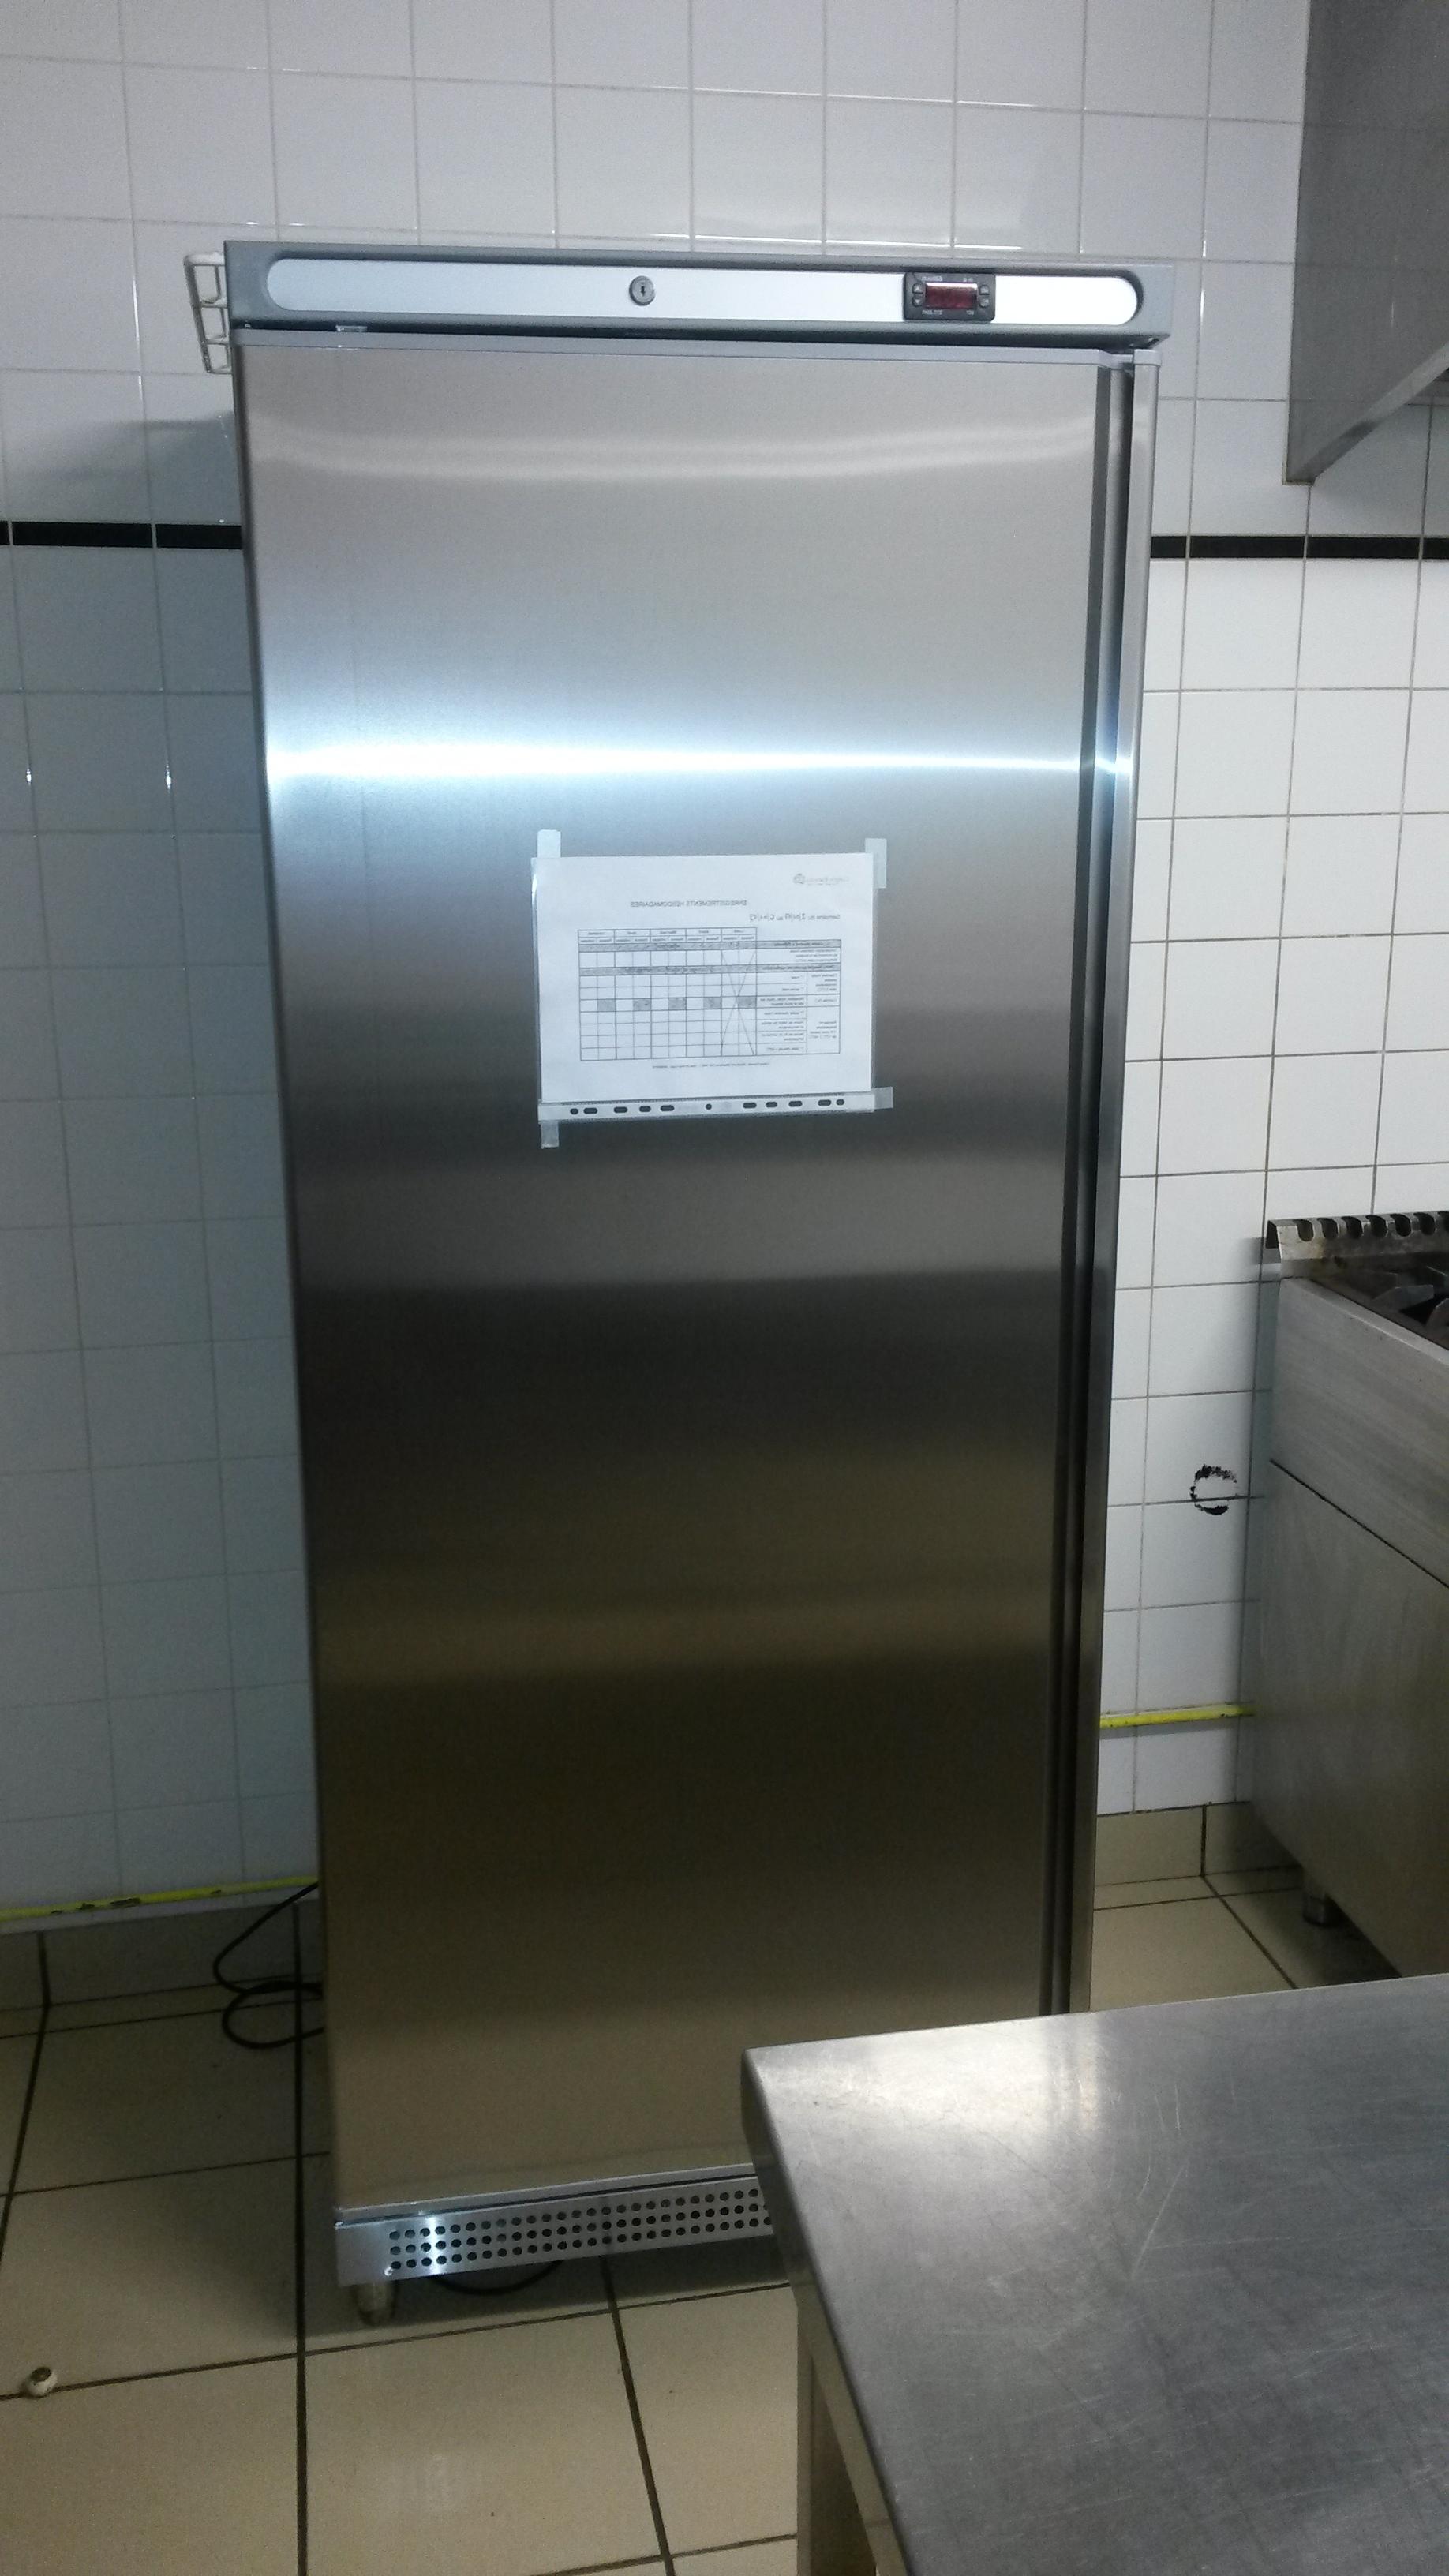 Le nouveau frigidaire